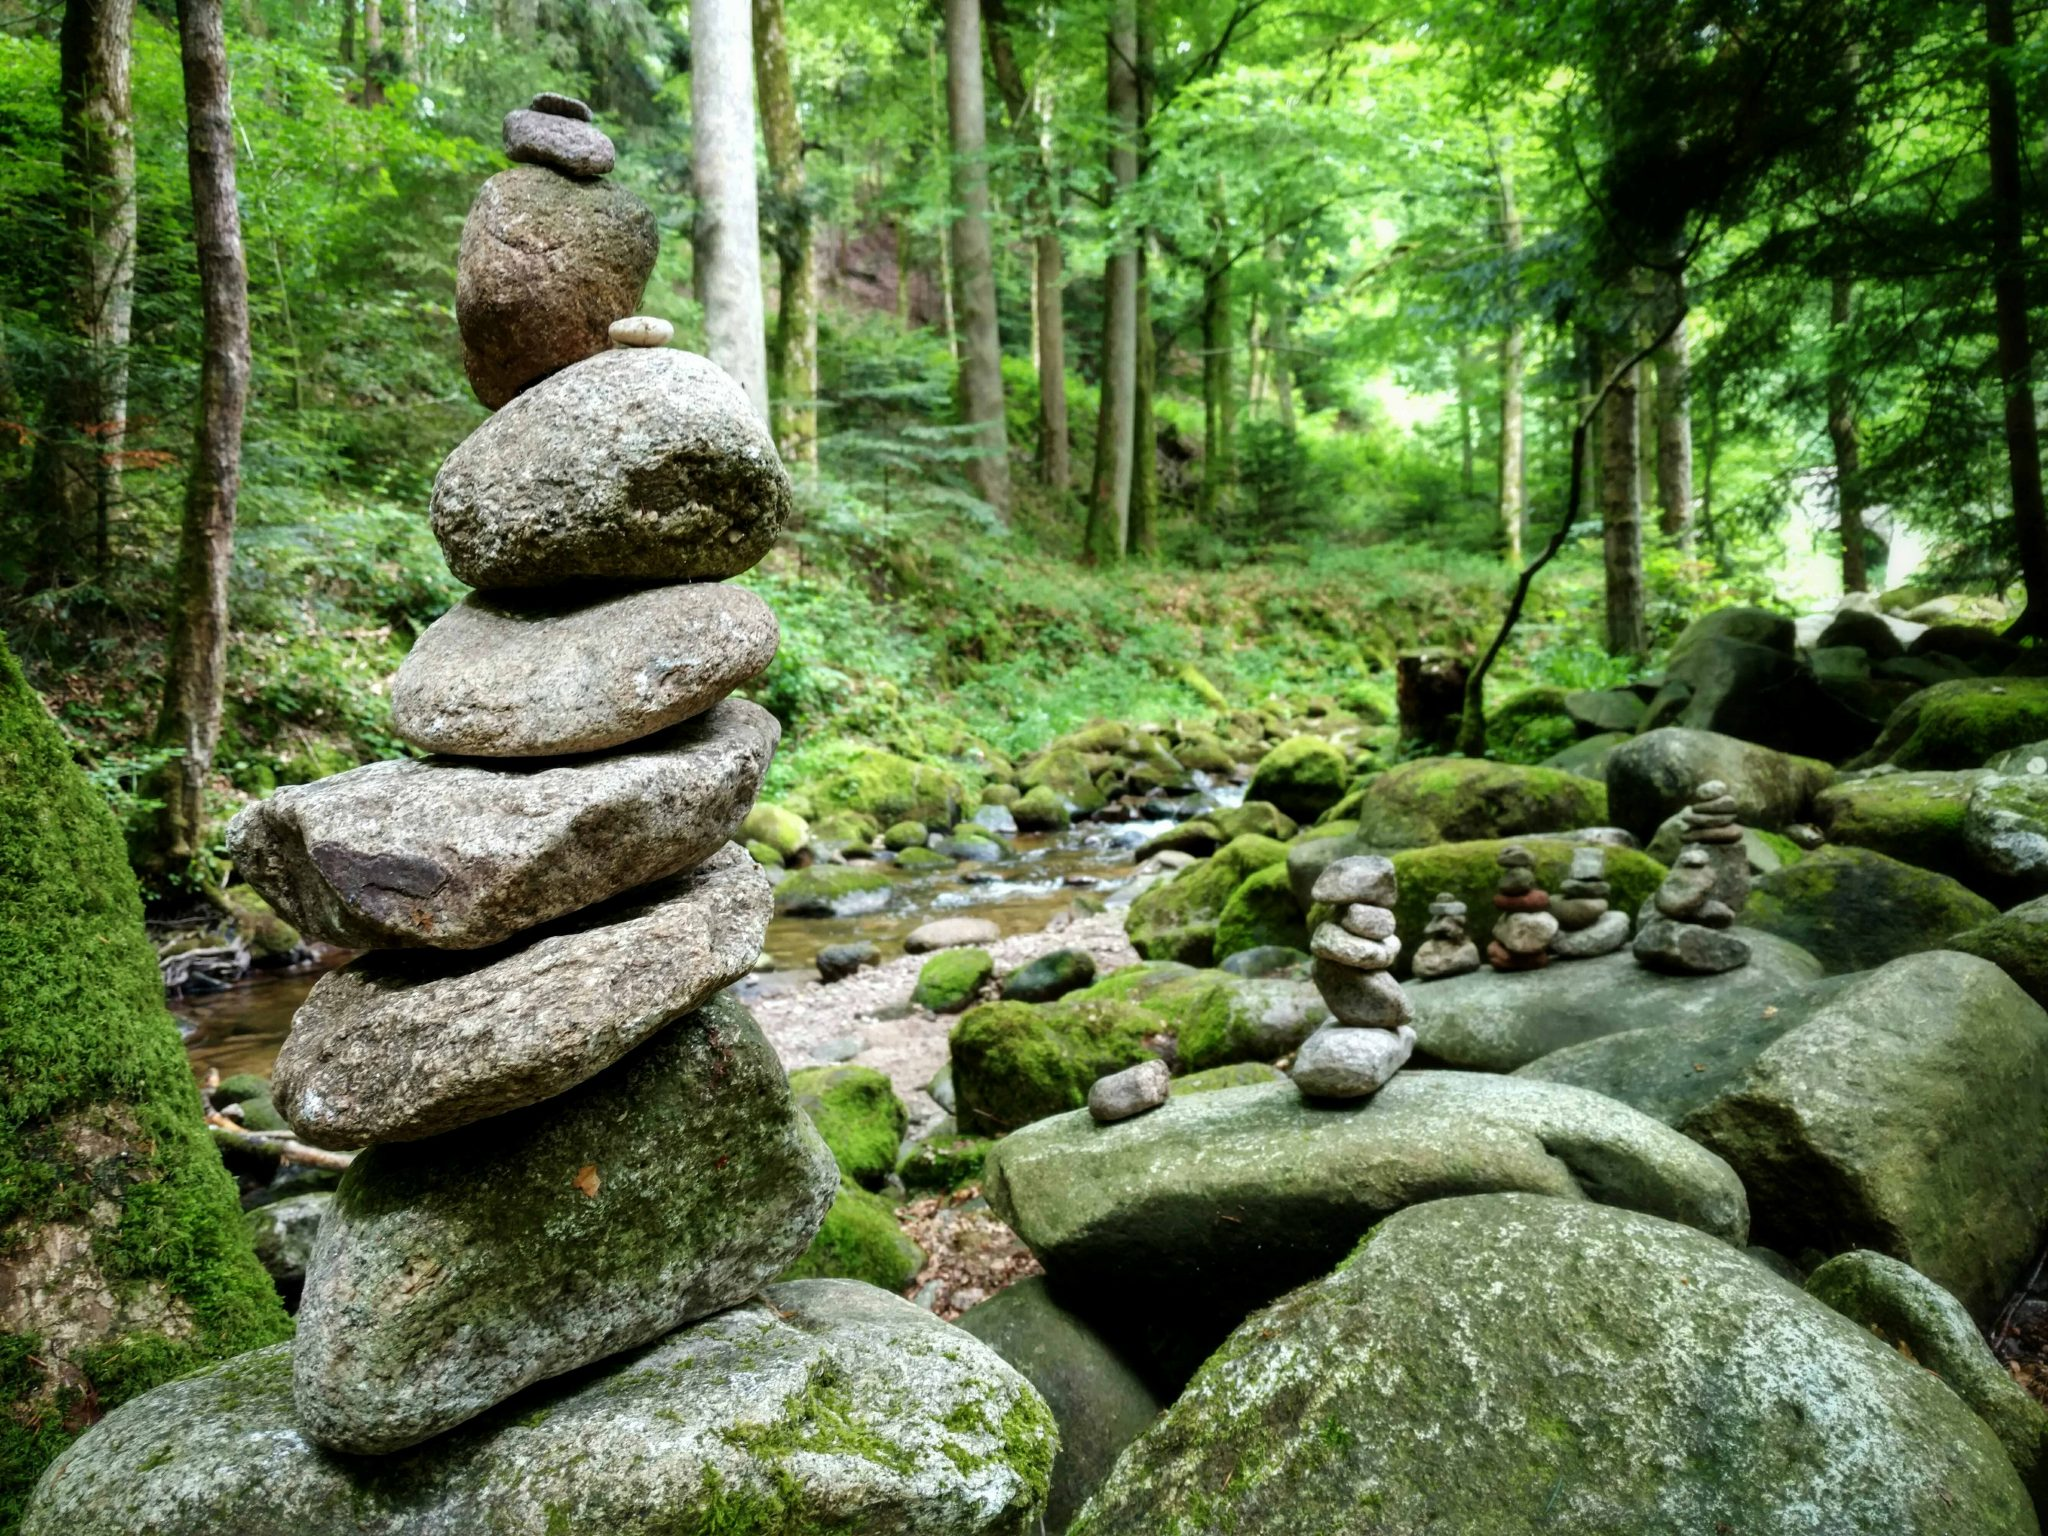 Groene wildernis | Een vrouw in het wild